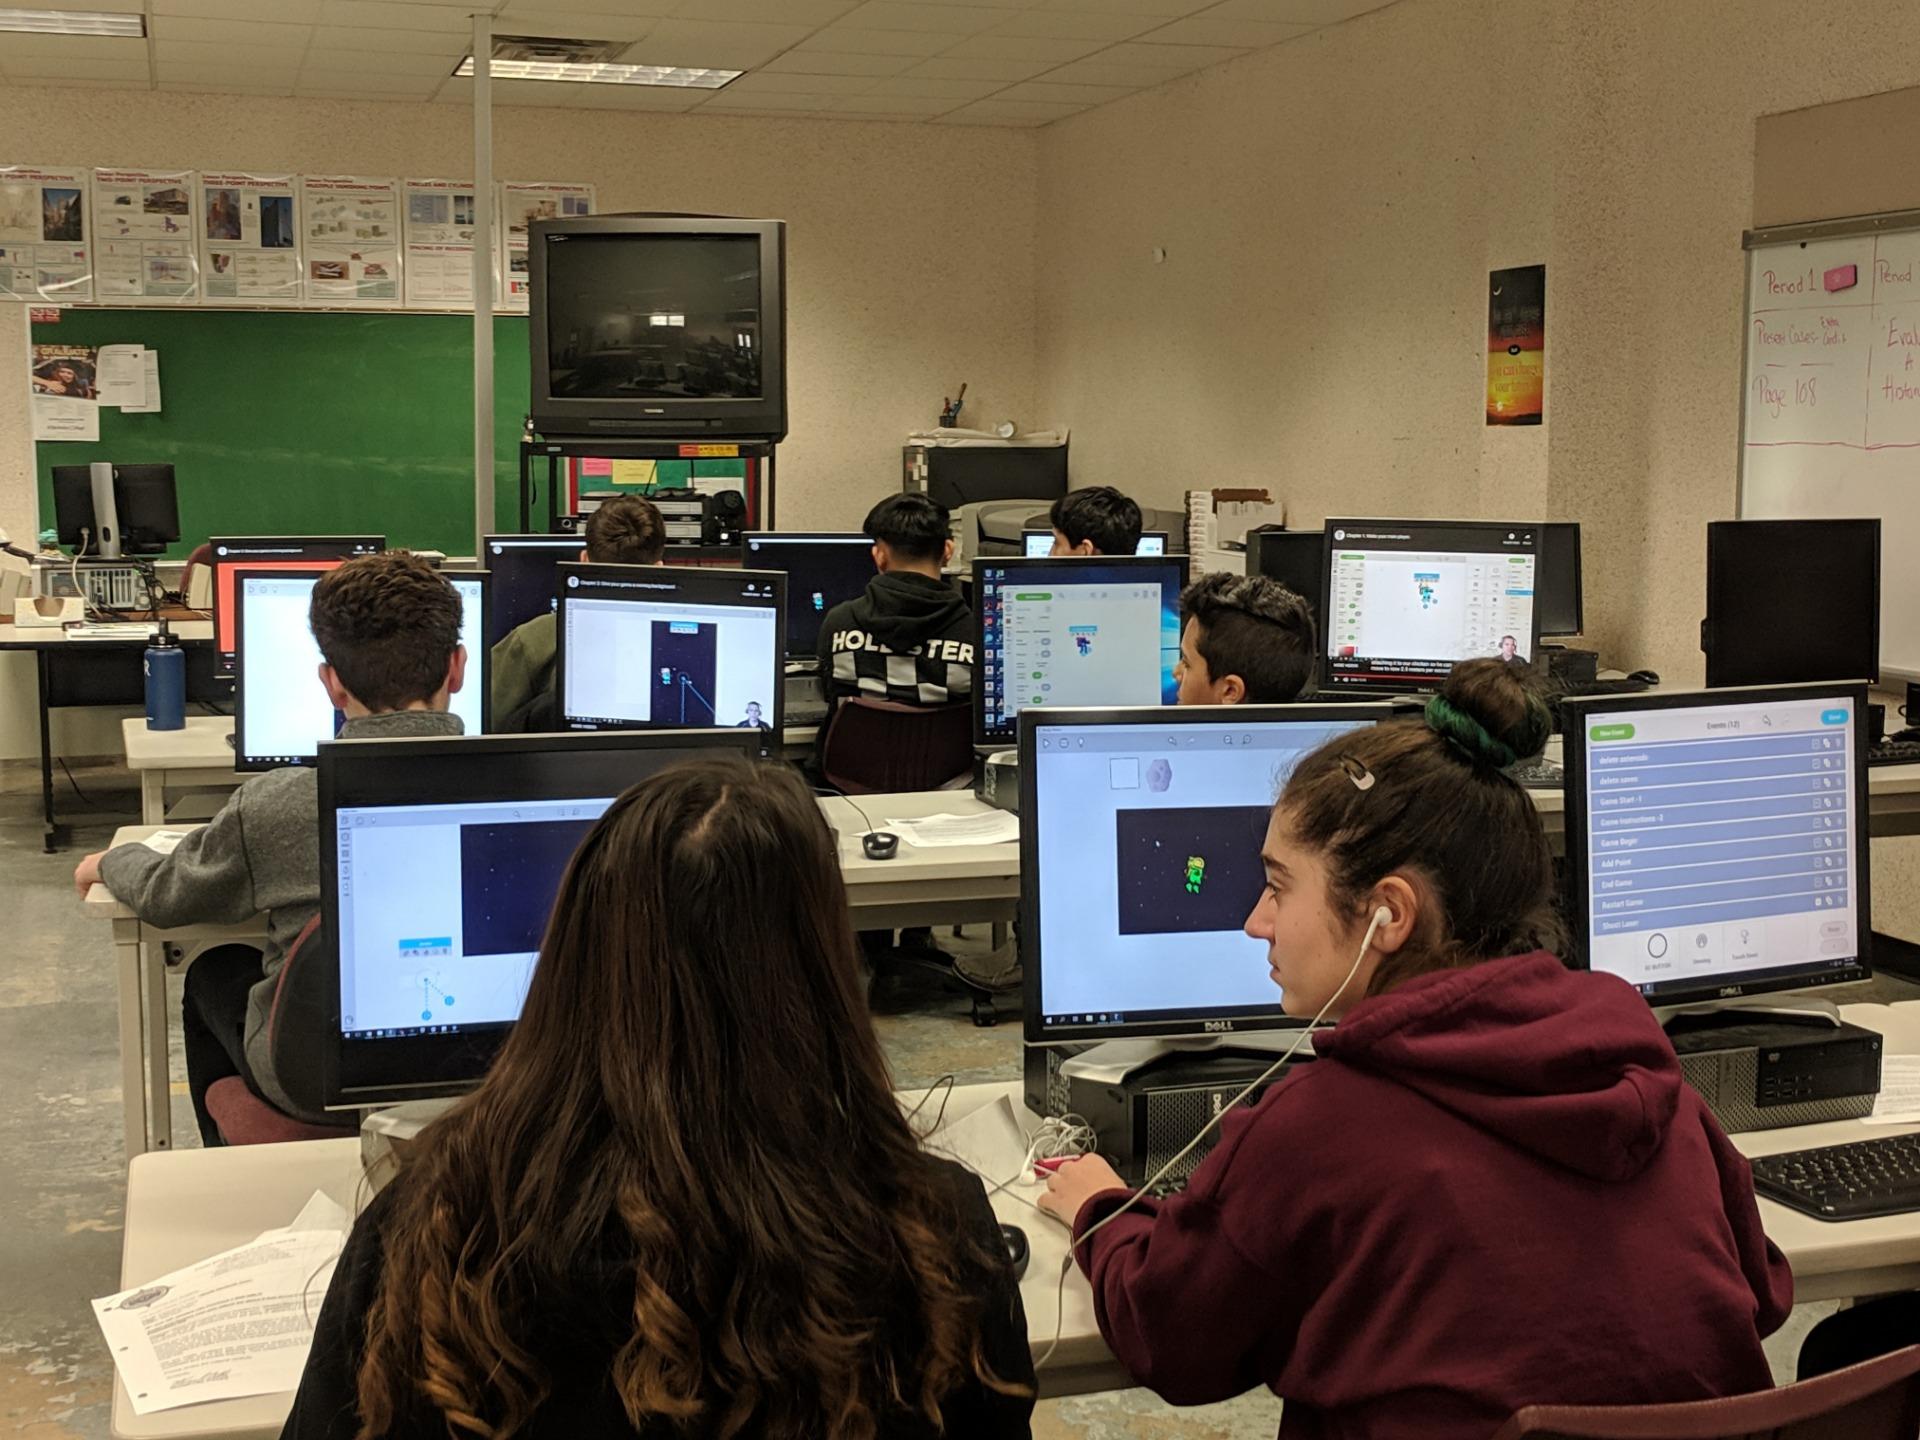 TRTech at HSS2